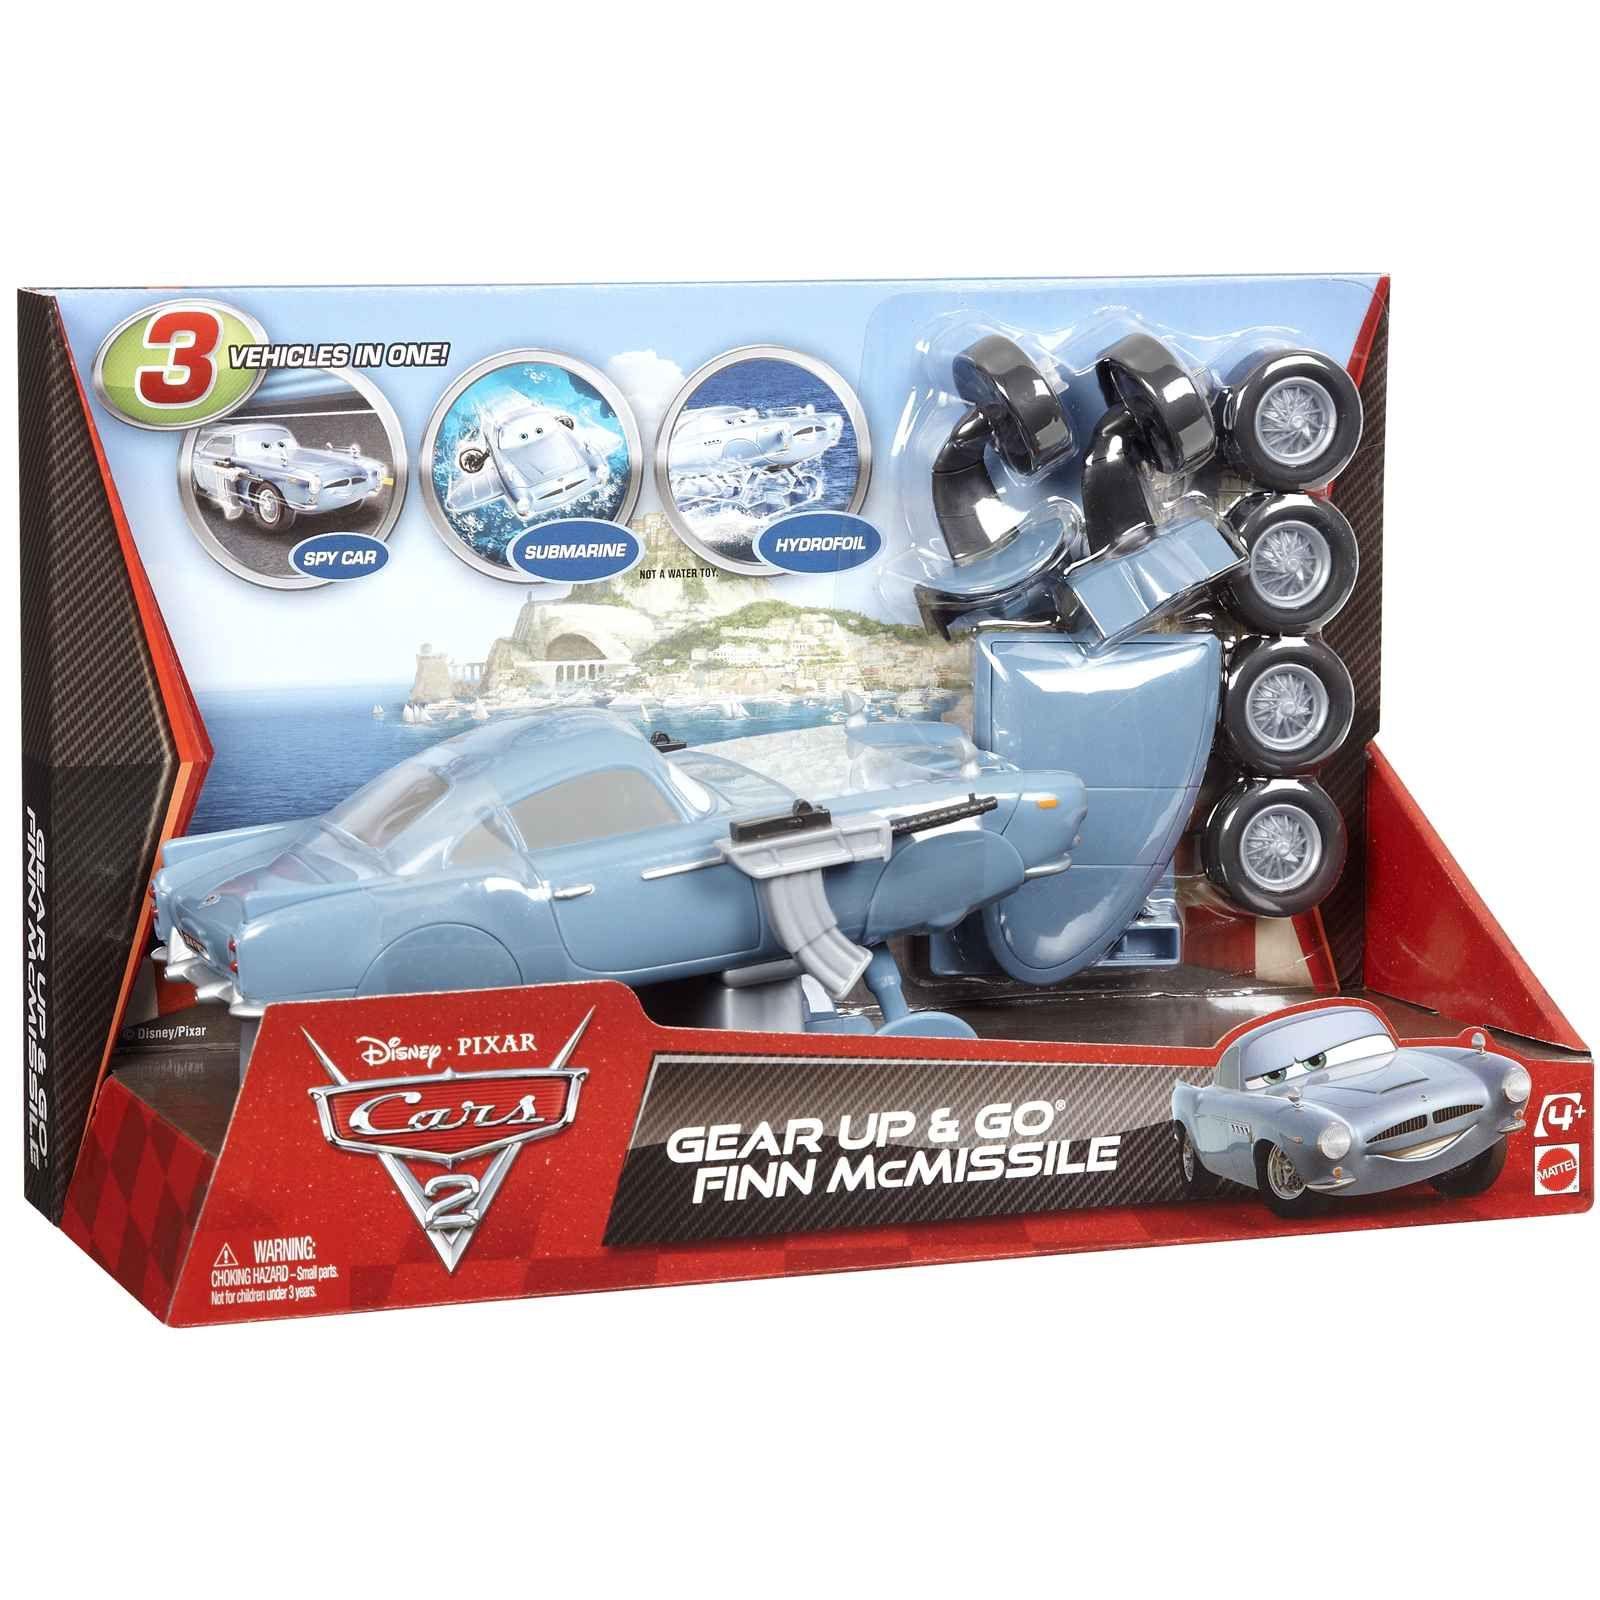 Buy Disney Pixar Cars 2 Gear Up & Go Finn